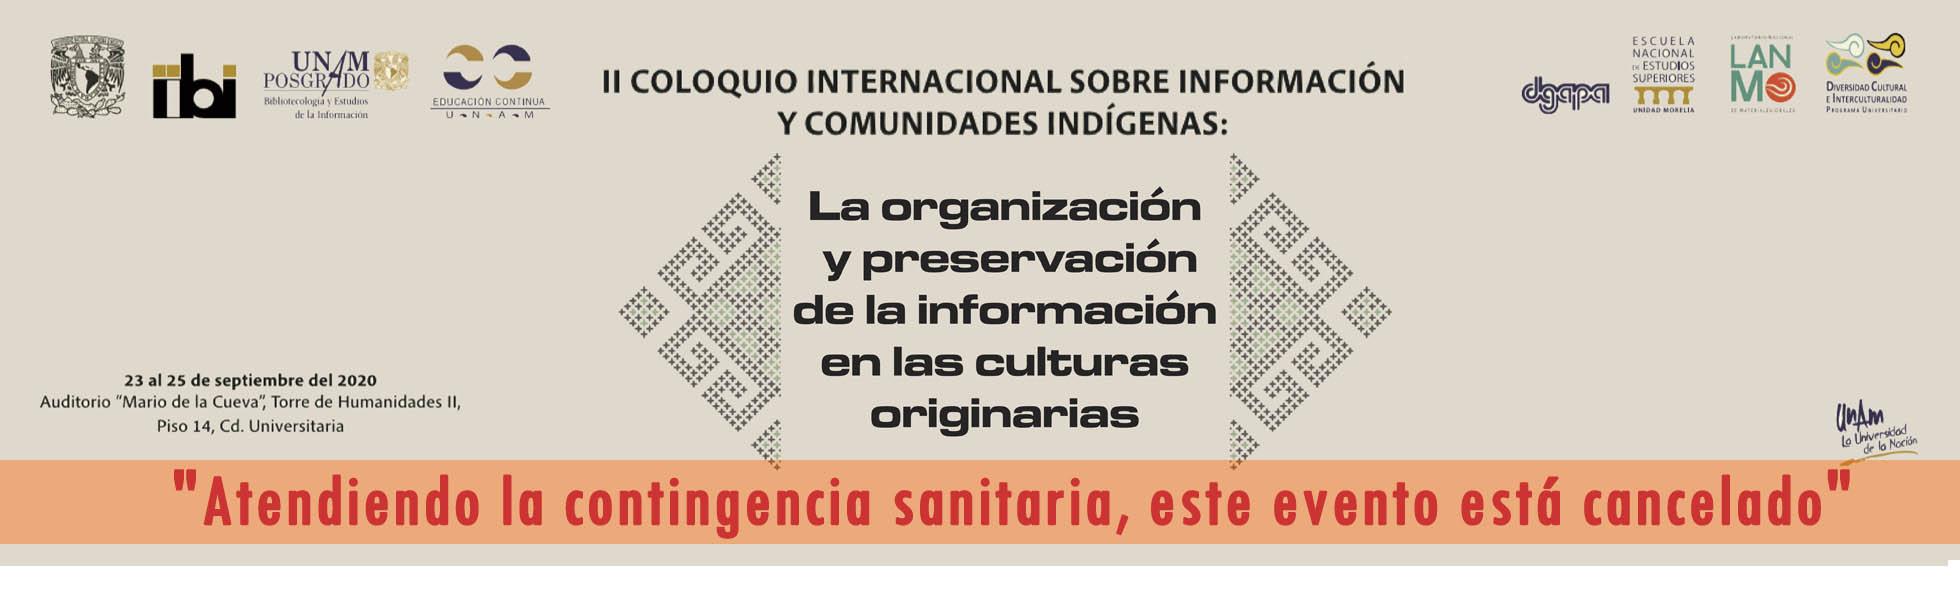 COLOQUIO INTERNACIONAL SOBRE INFORMACIÓN Y COMUNIDADES INDÍGENAS